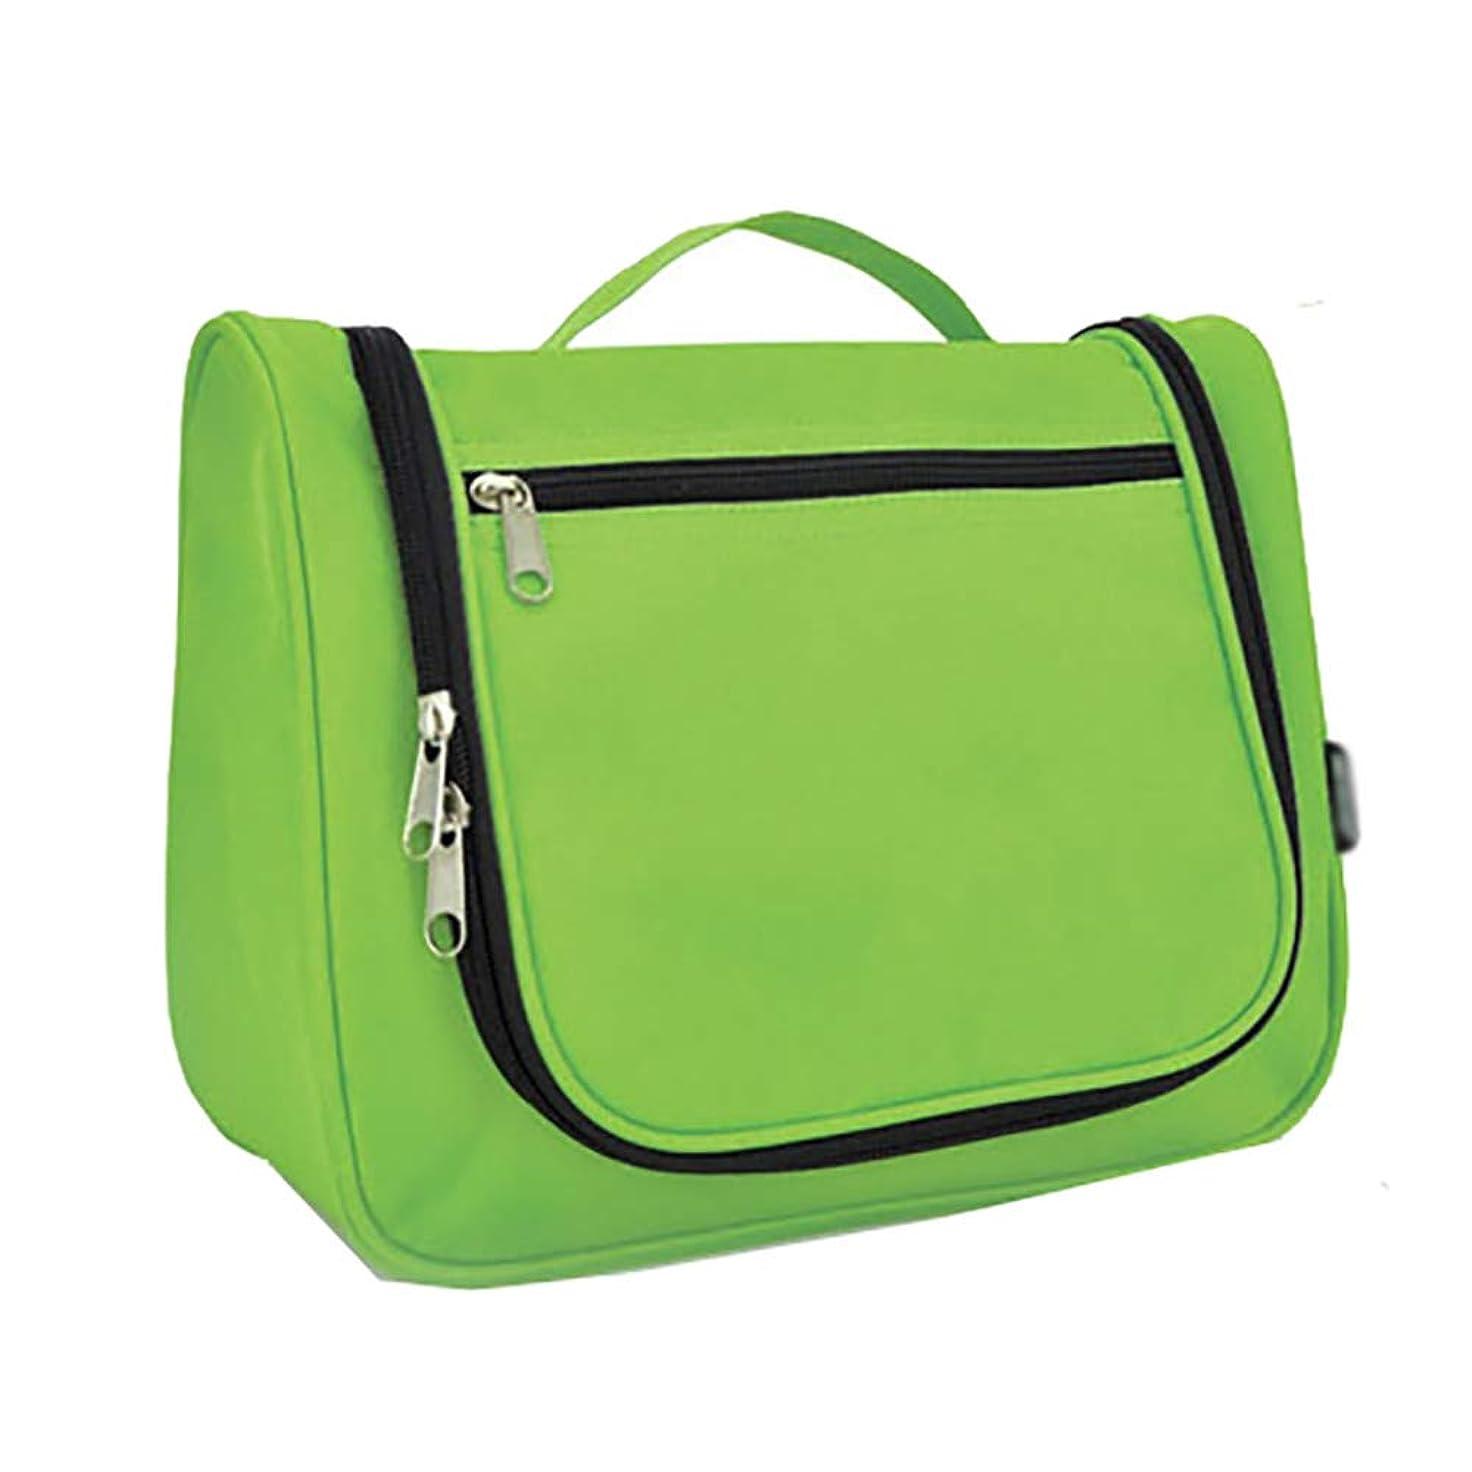 伴う記述するユダヤ人化粧品バッグ旅行旅行の洗面バッグアウトドアキャンプ用化粧品袋28 * 10 * 22CMをぶら下げ